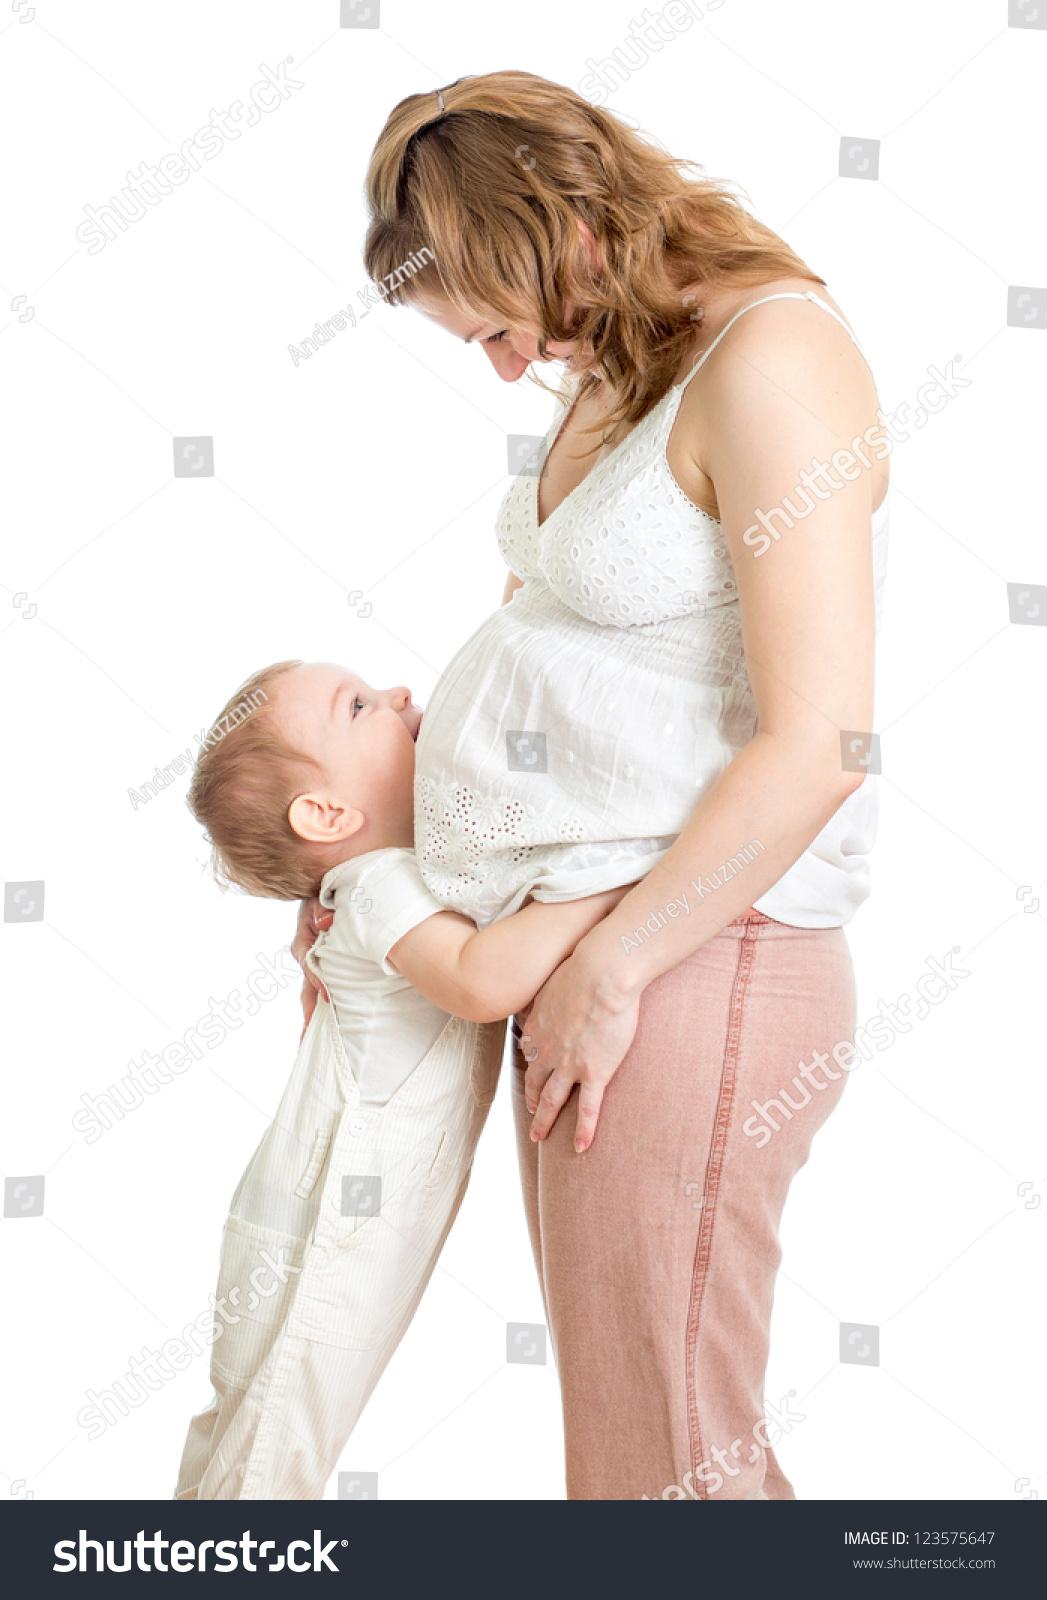 Смотреть фото беременных девушек с мальчиком 10 фотография